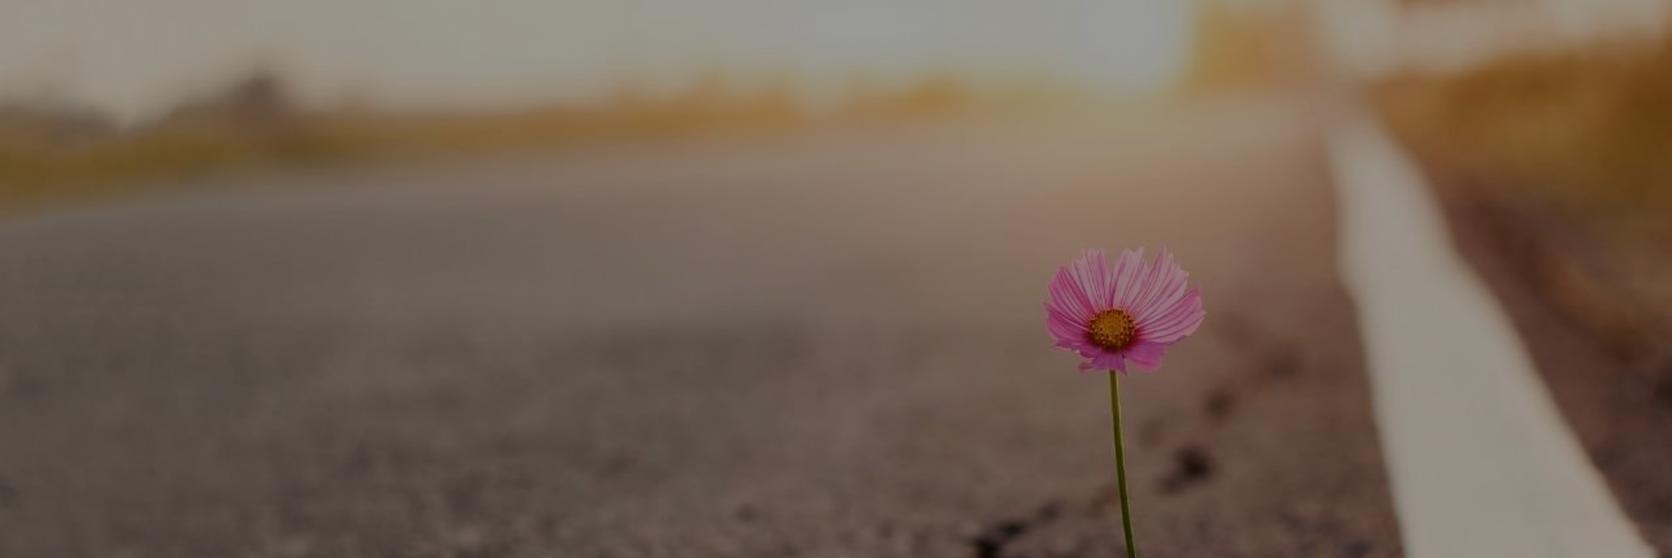 Flower in Road